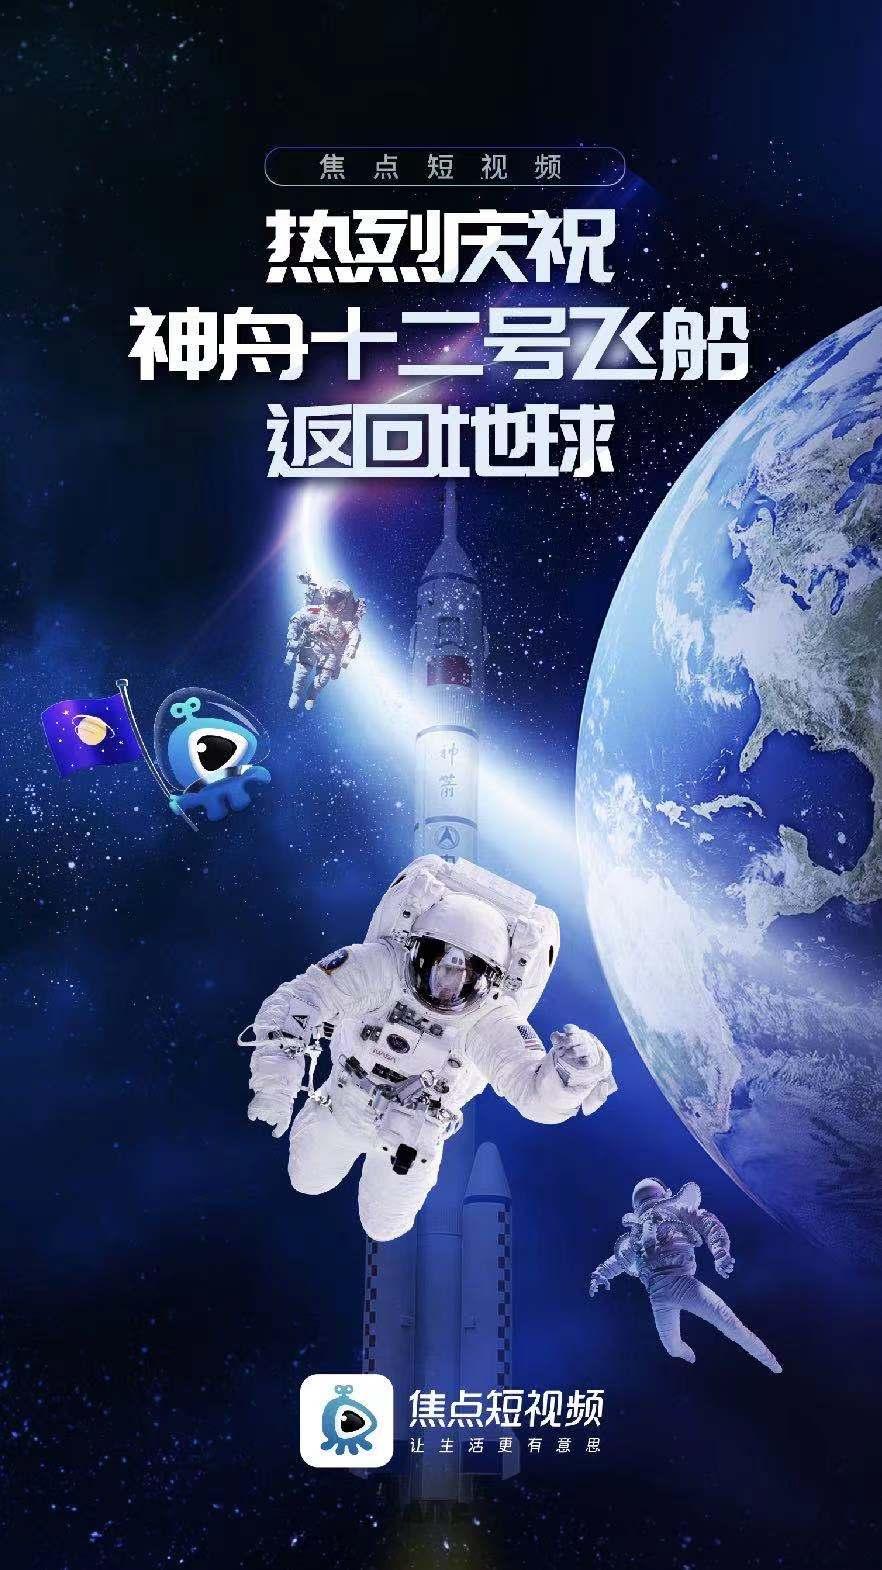 焦点纪录 神舟十二号载人飞行任务圆满成功